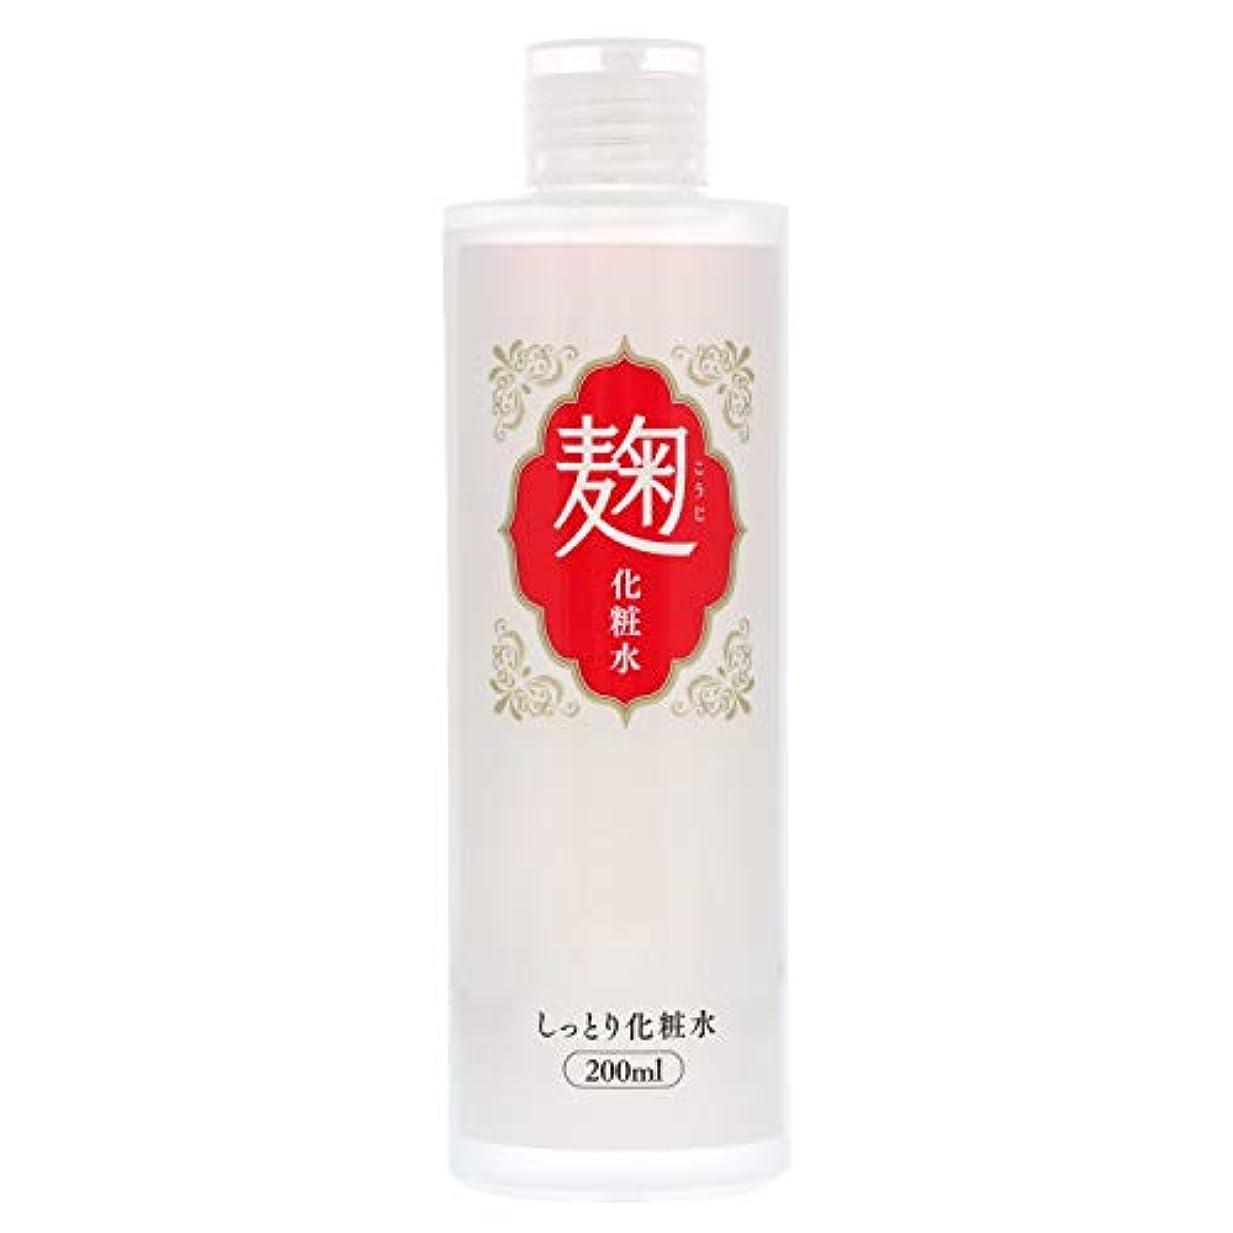 回路動的混沌ユゼ 麹配合美肌しっとり化粧水 200mL